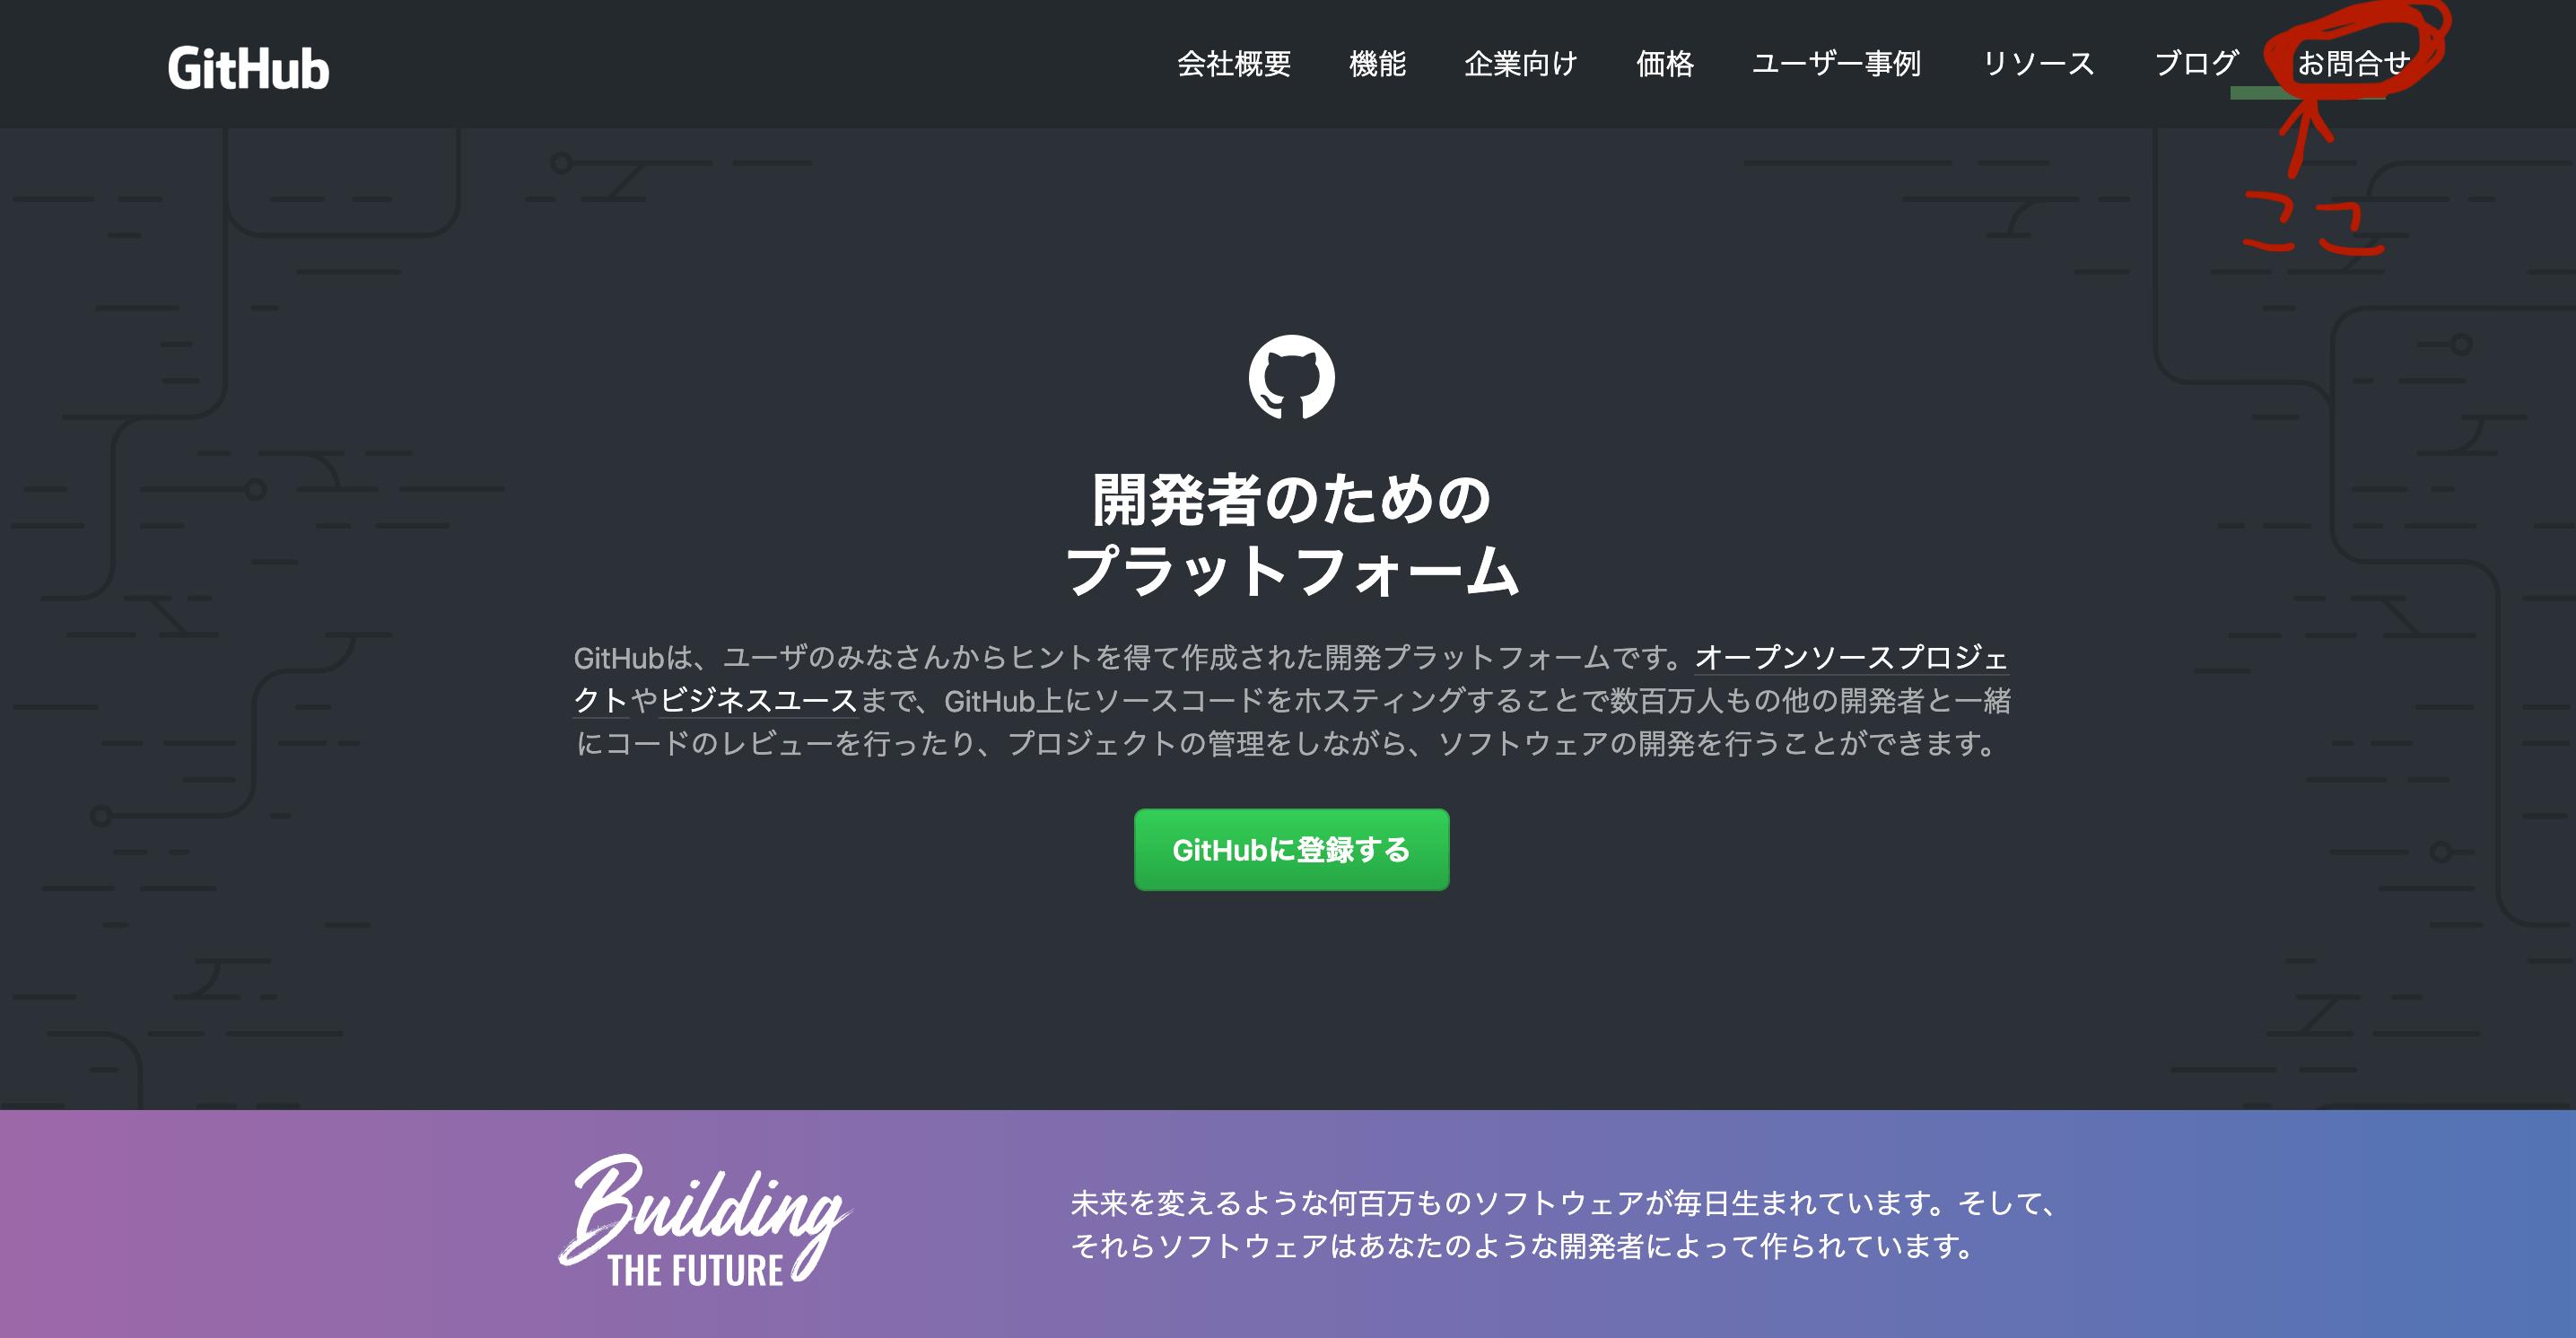 スクリーンショット 2019-09-23 17.57.22.png